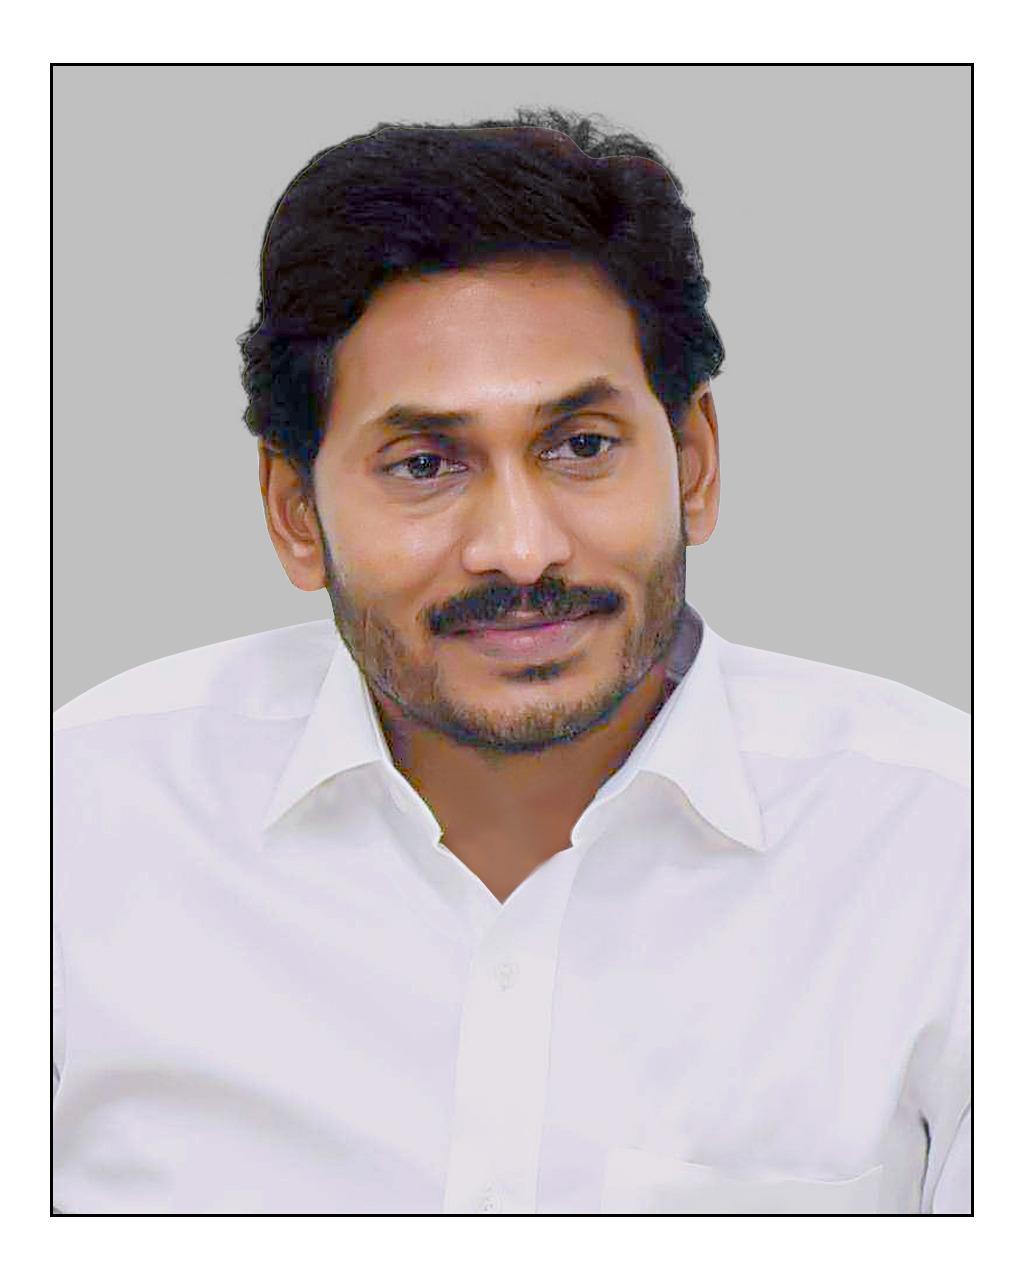 వై ఎస్ జగన్ మోహన్ రెడ్డి